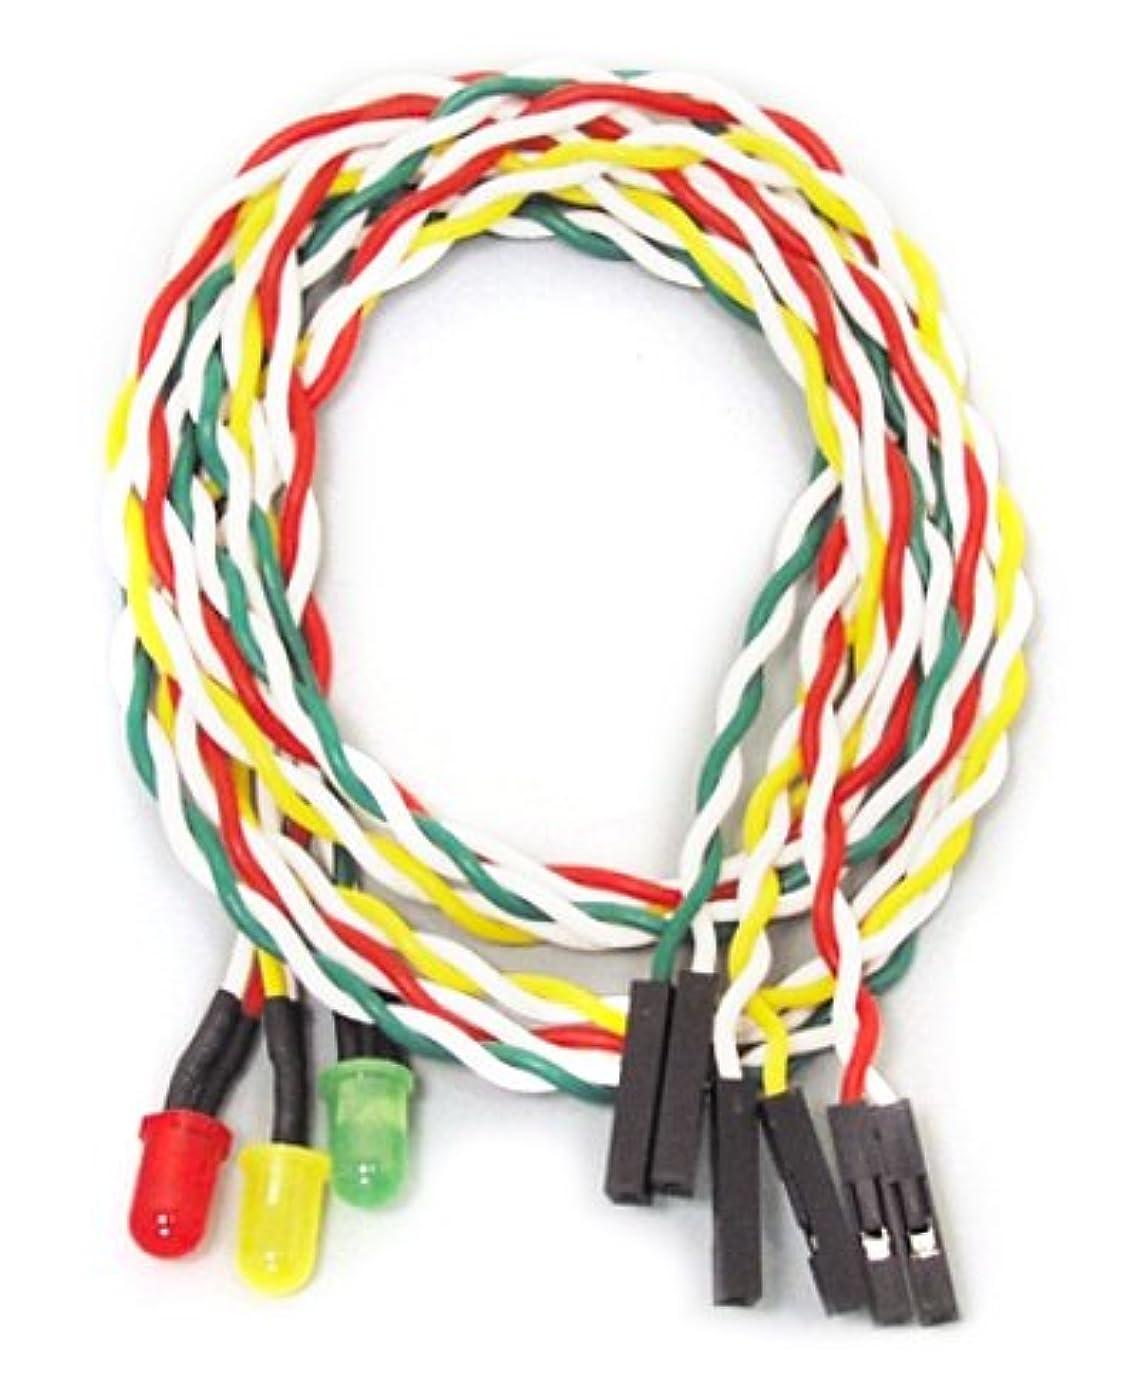 堤防ピクニック生き返らせるアイネックス ケ-ス用丸型LED5φ赤?黄?緑 LED-05MS